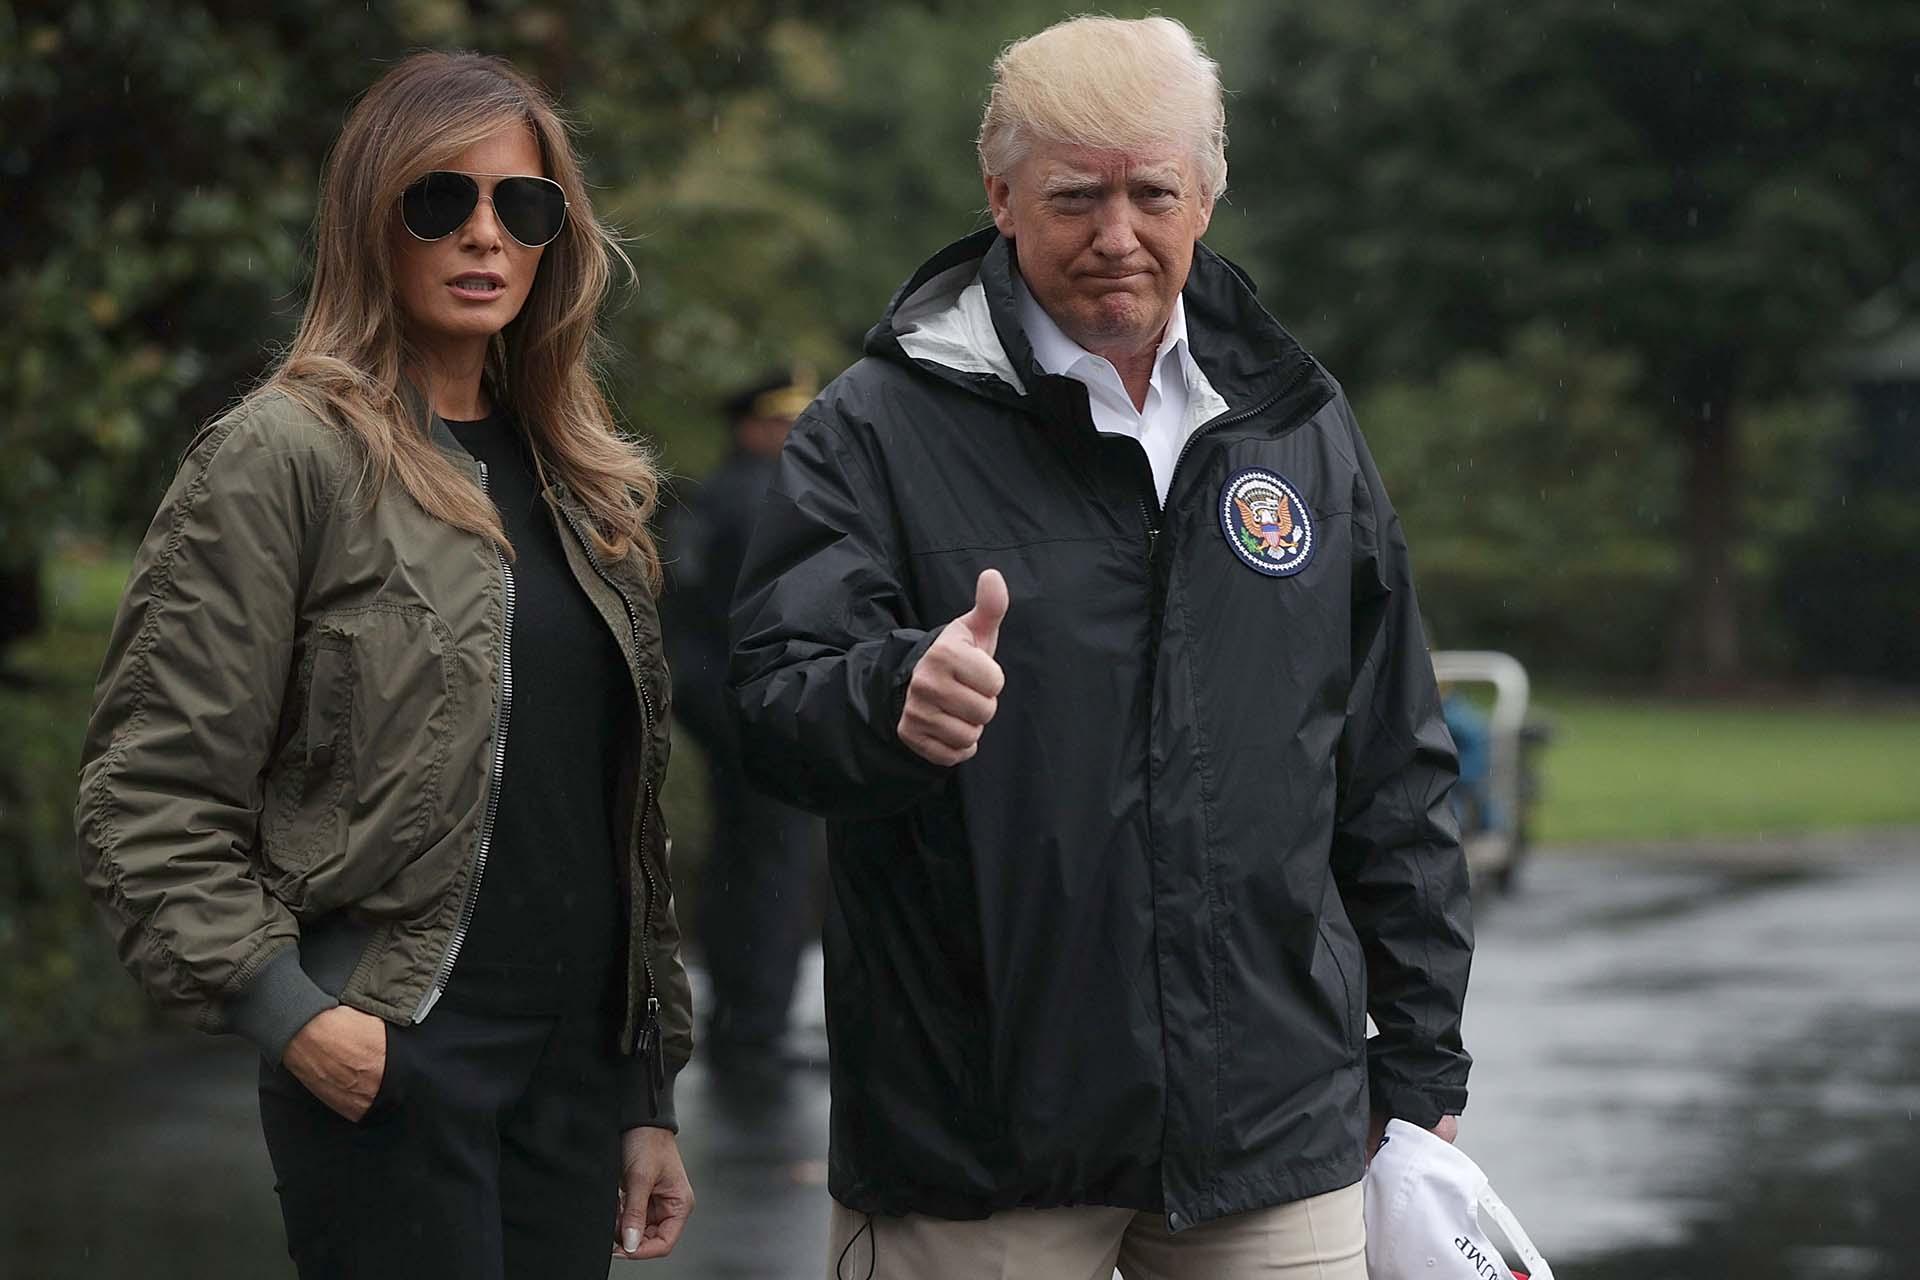 29/8/2017 Donald Trump saluda junto a su esposa antes de abordar el helicóptero que los trasladará desde la Casa Blanca para ver los daños que el huracán Harvey ocasionó en Texas.